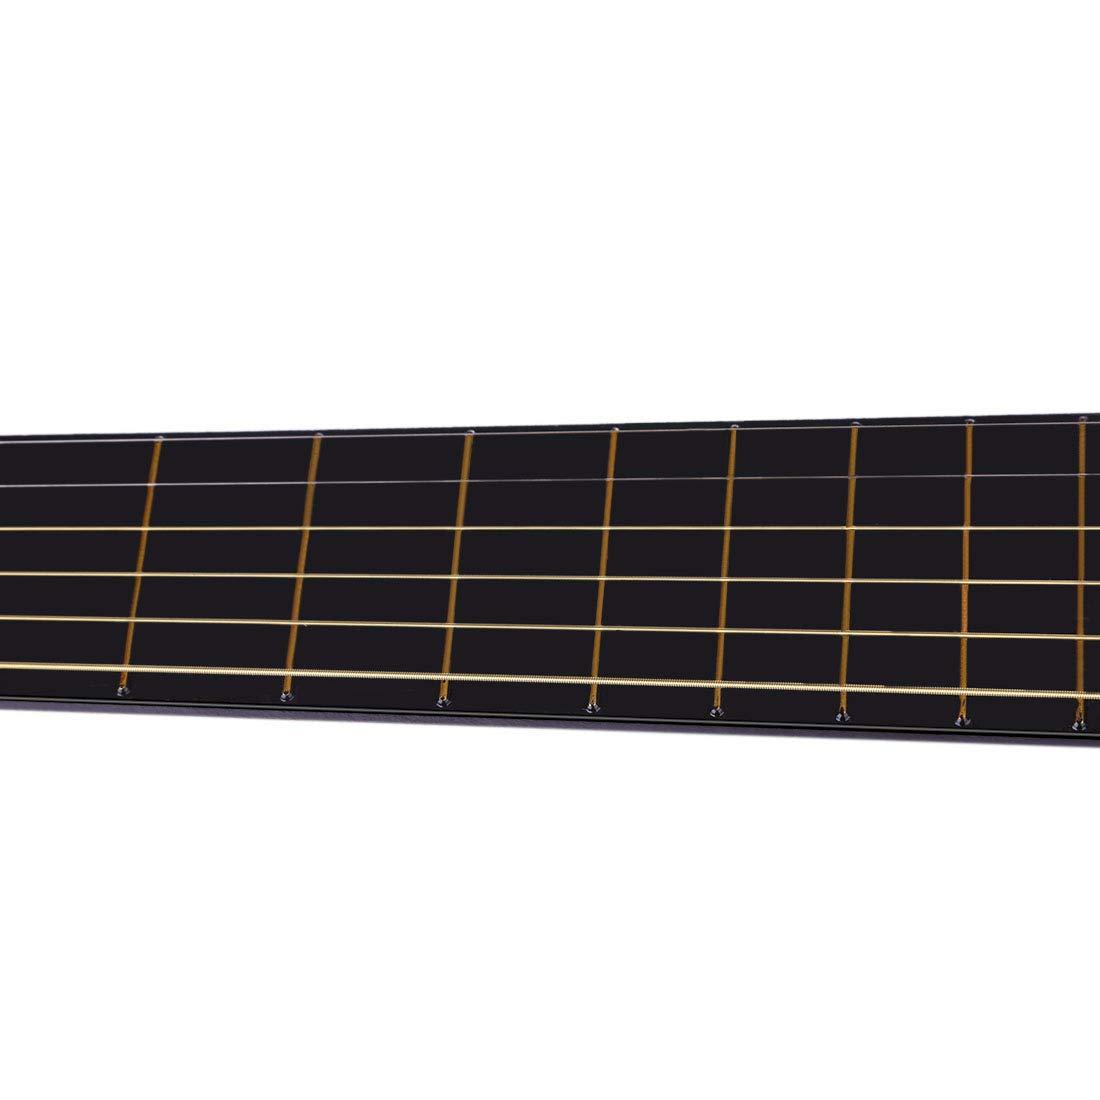 TXXCI Guitare Enfant Bois 6 Cordes Instruments De Musique Acoustique a Cordes 25 Pouce pour Guitare D/ébutant Garcon Fille 3 Ans-Rouge